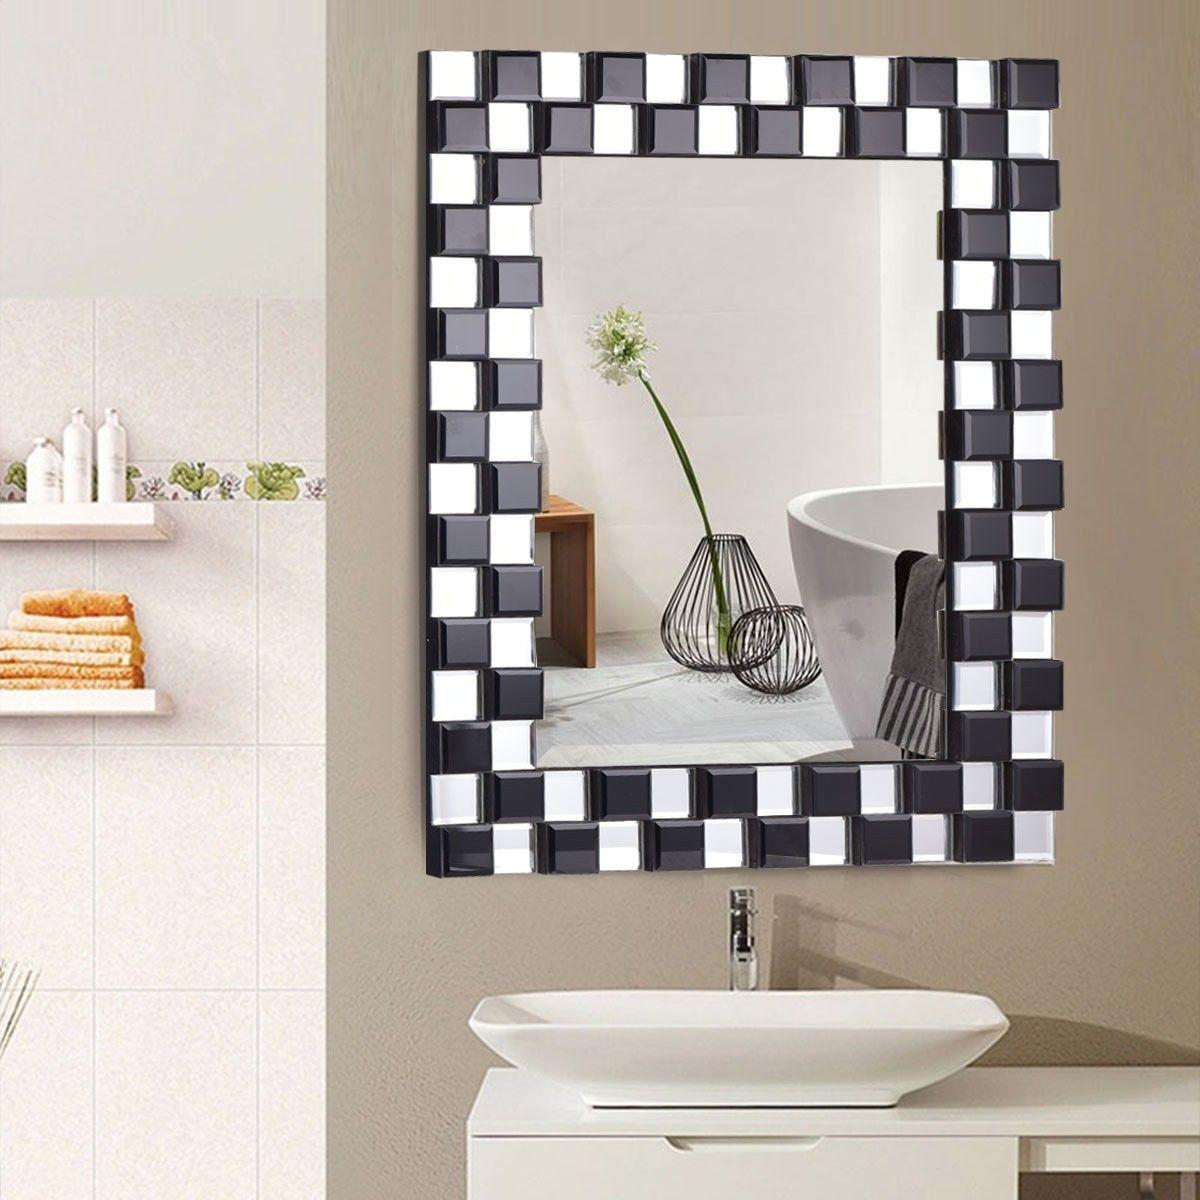 23 5 X 31 5 Rectangular Wall Mounted Wooden Frame Bathroom Mirror Decorative Bathroom Mirrors Bathroom Mirror Frame Rectangular Bathroom Mirror